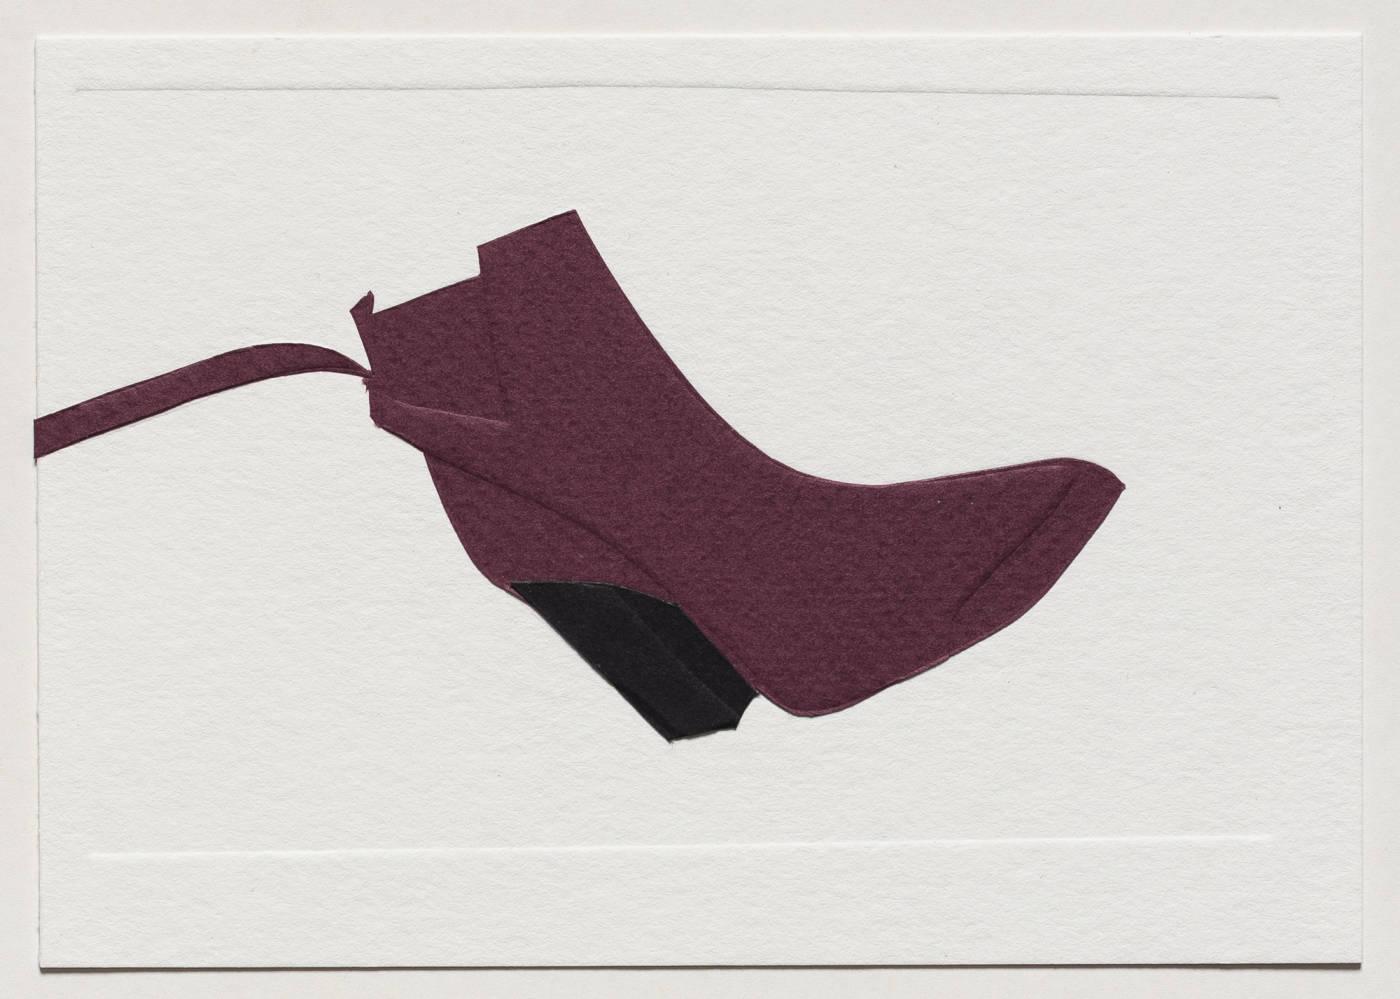 2010's Vivienne Westwood Satyr boot